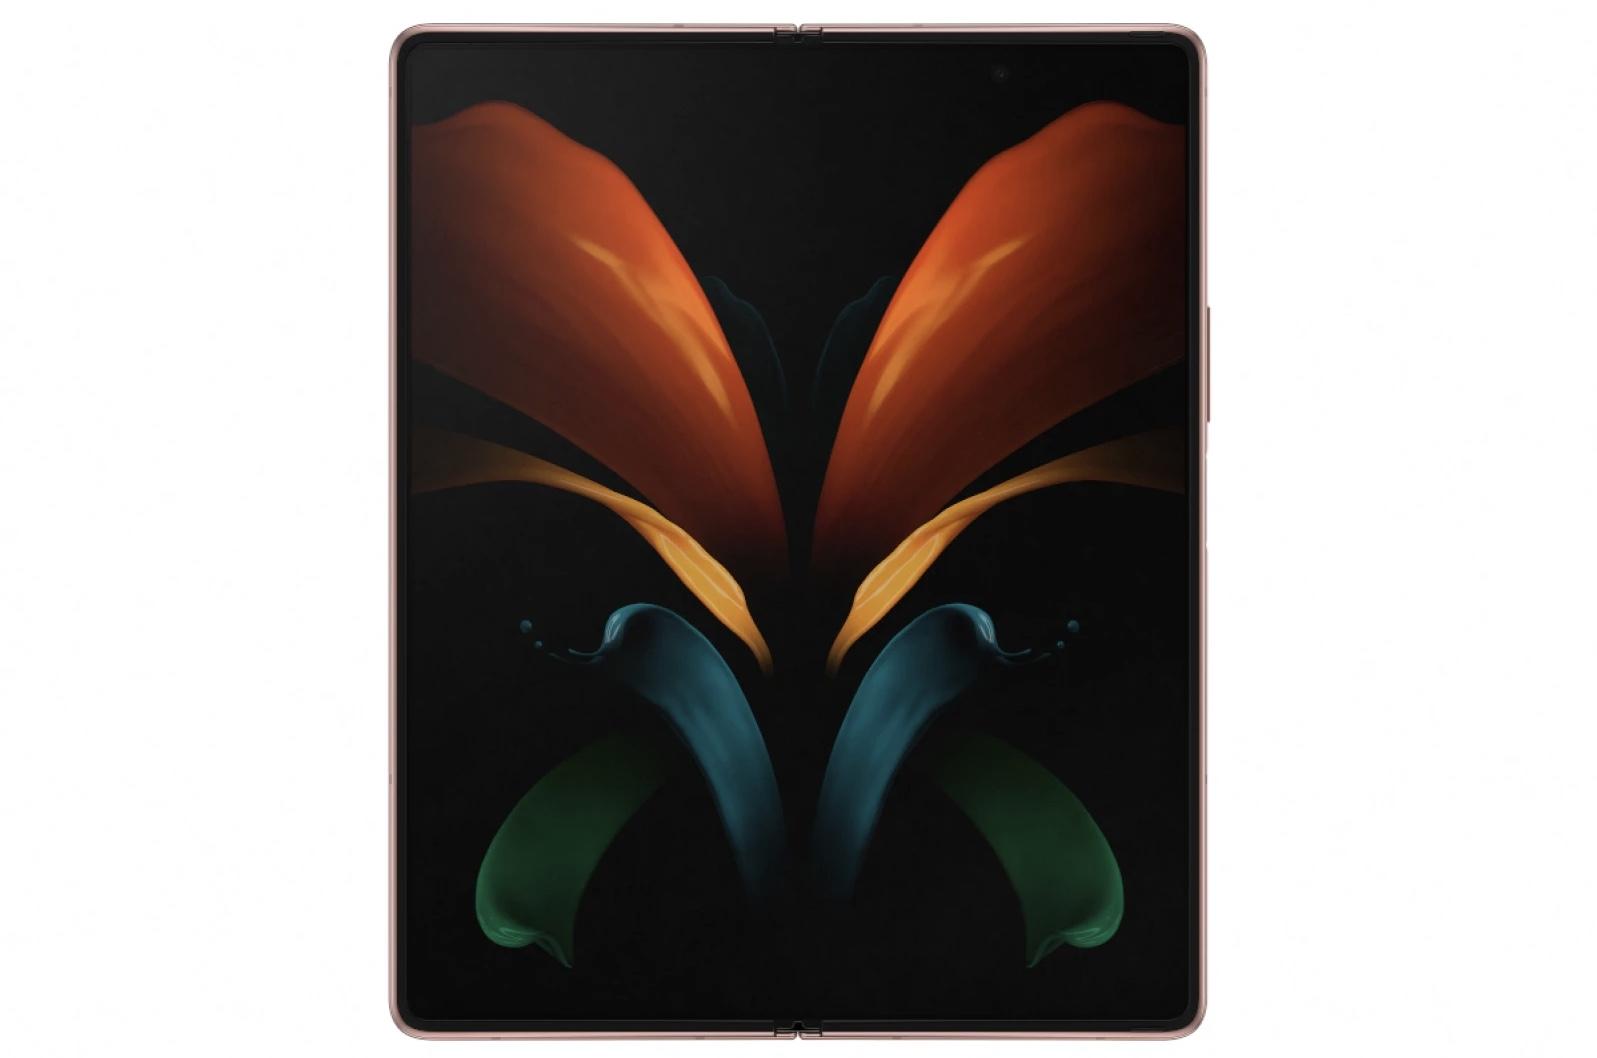 składany smartfon premiera kiedy przedsprzedaż Samsung Galaxy Z Fold 2 cena specyfikacja rendery dane techniczne